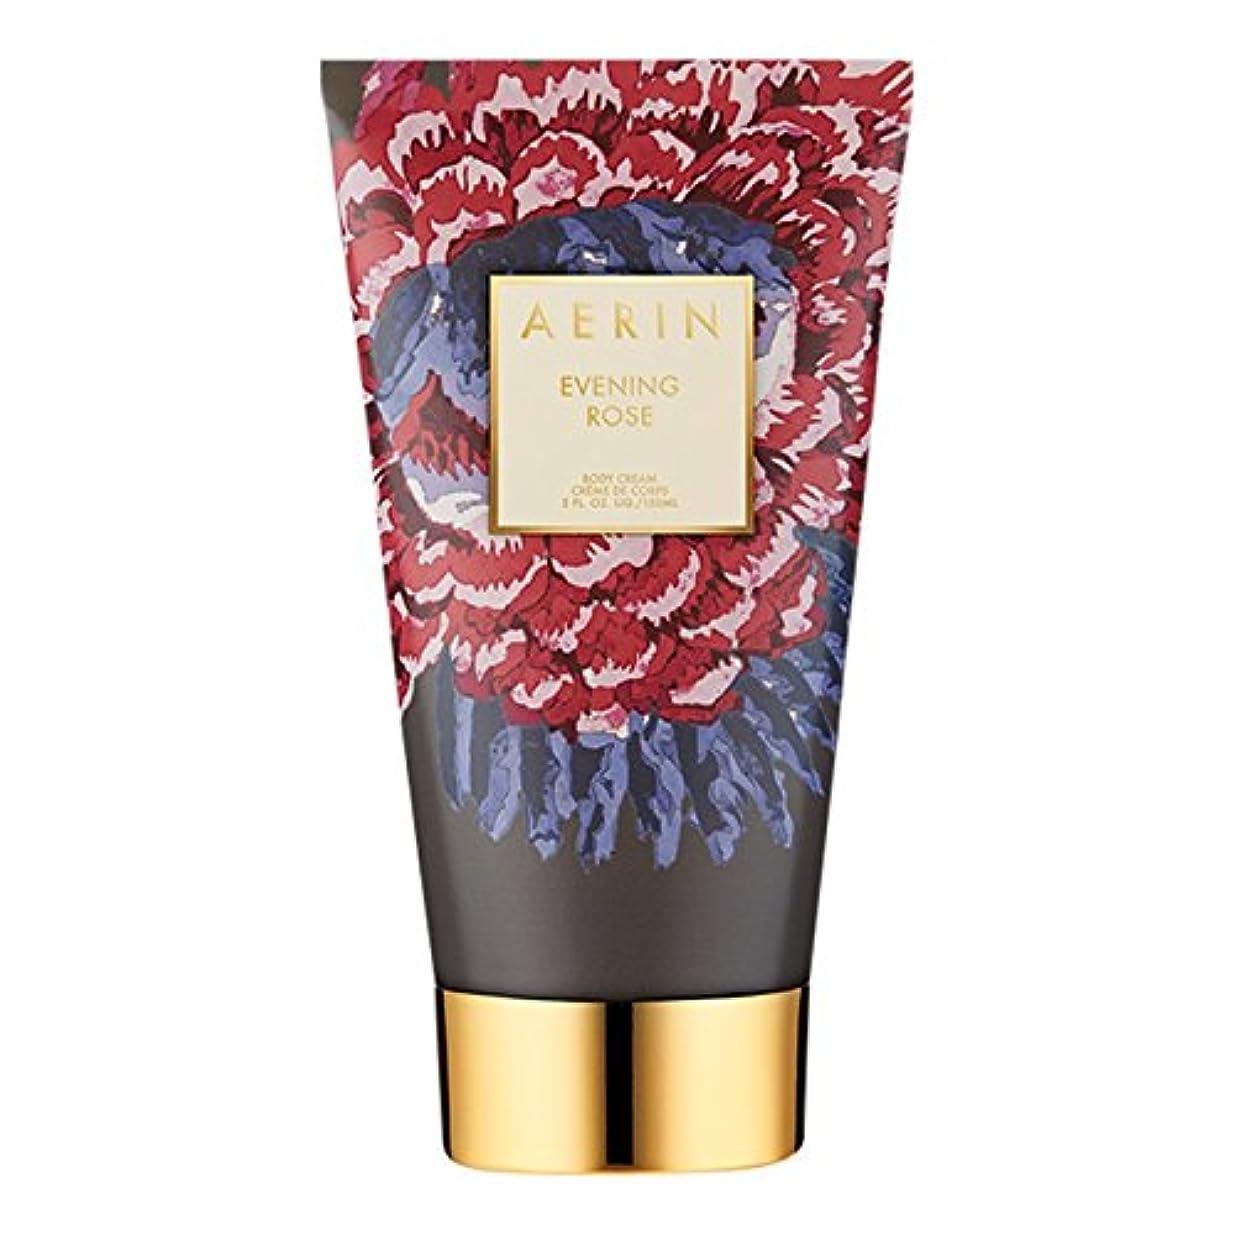 プロフェッショナル哲学者笑いAerinの夜は、ボディクリーム150ミリリットルをバラ (AERIN) - AERIN Evening Rose Body Cream 150ml [並行輸入品]